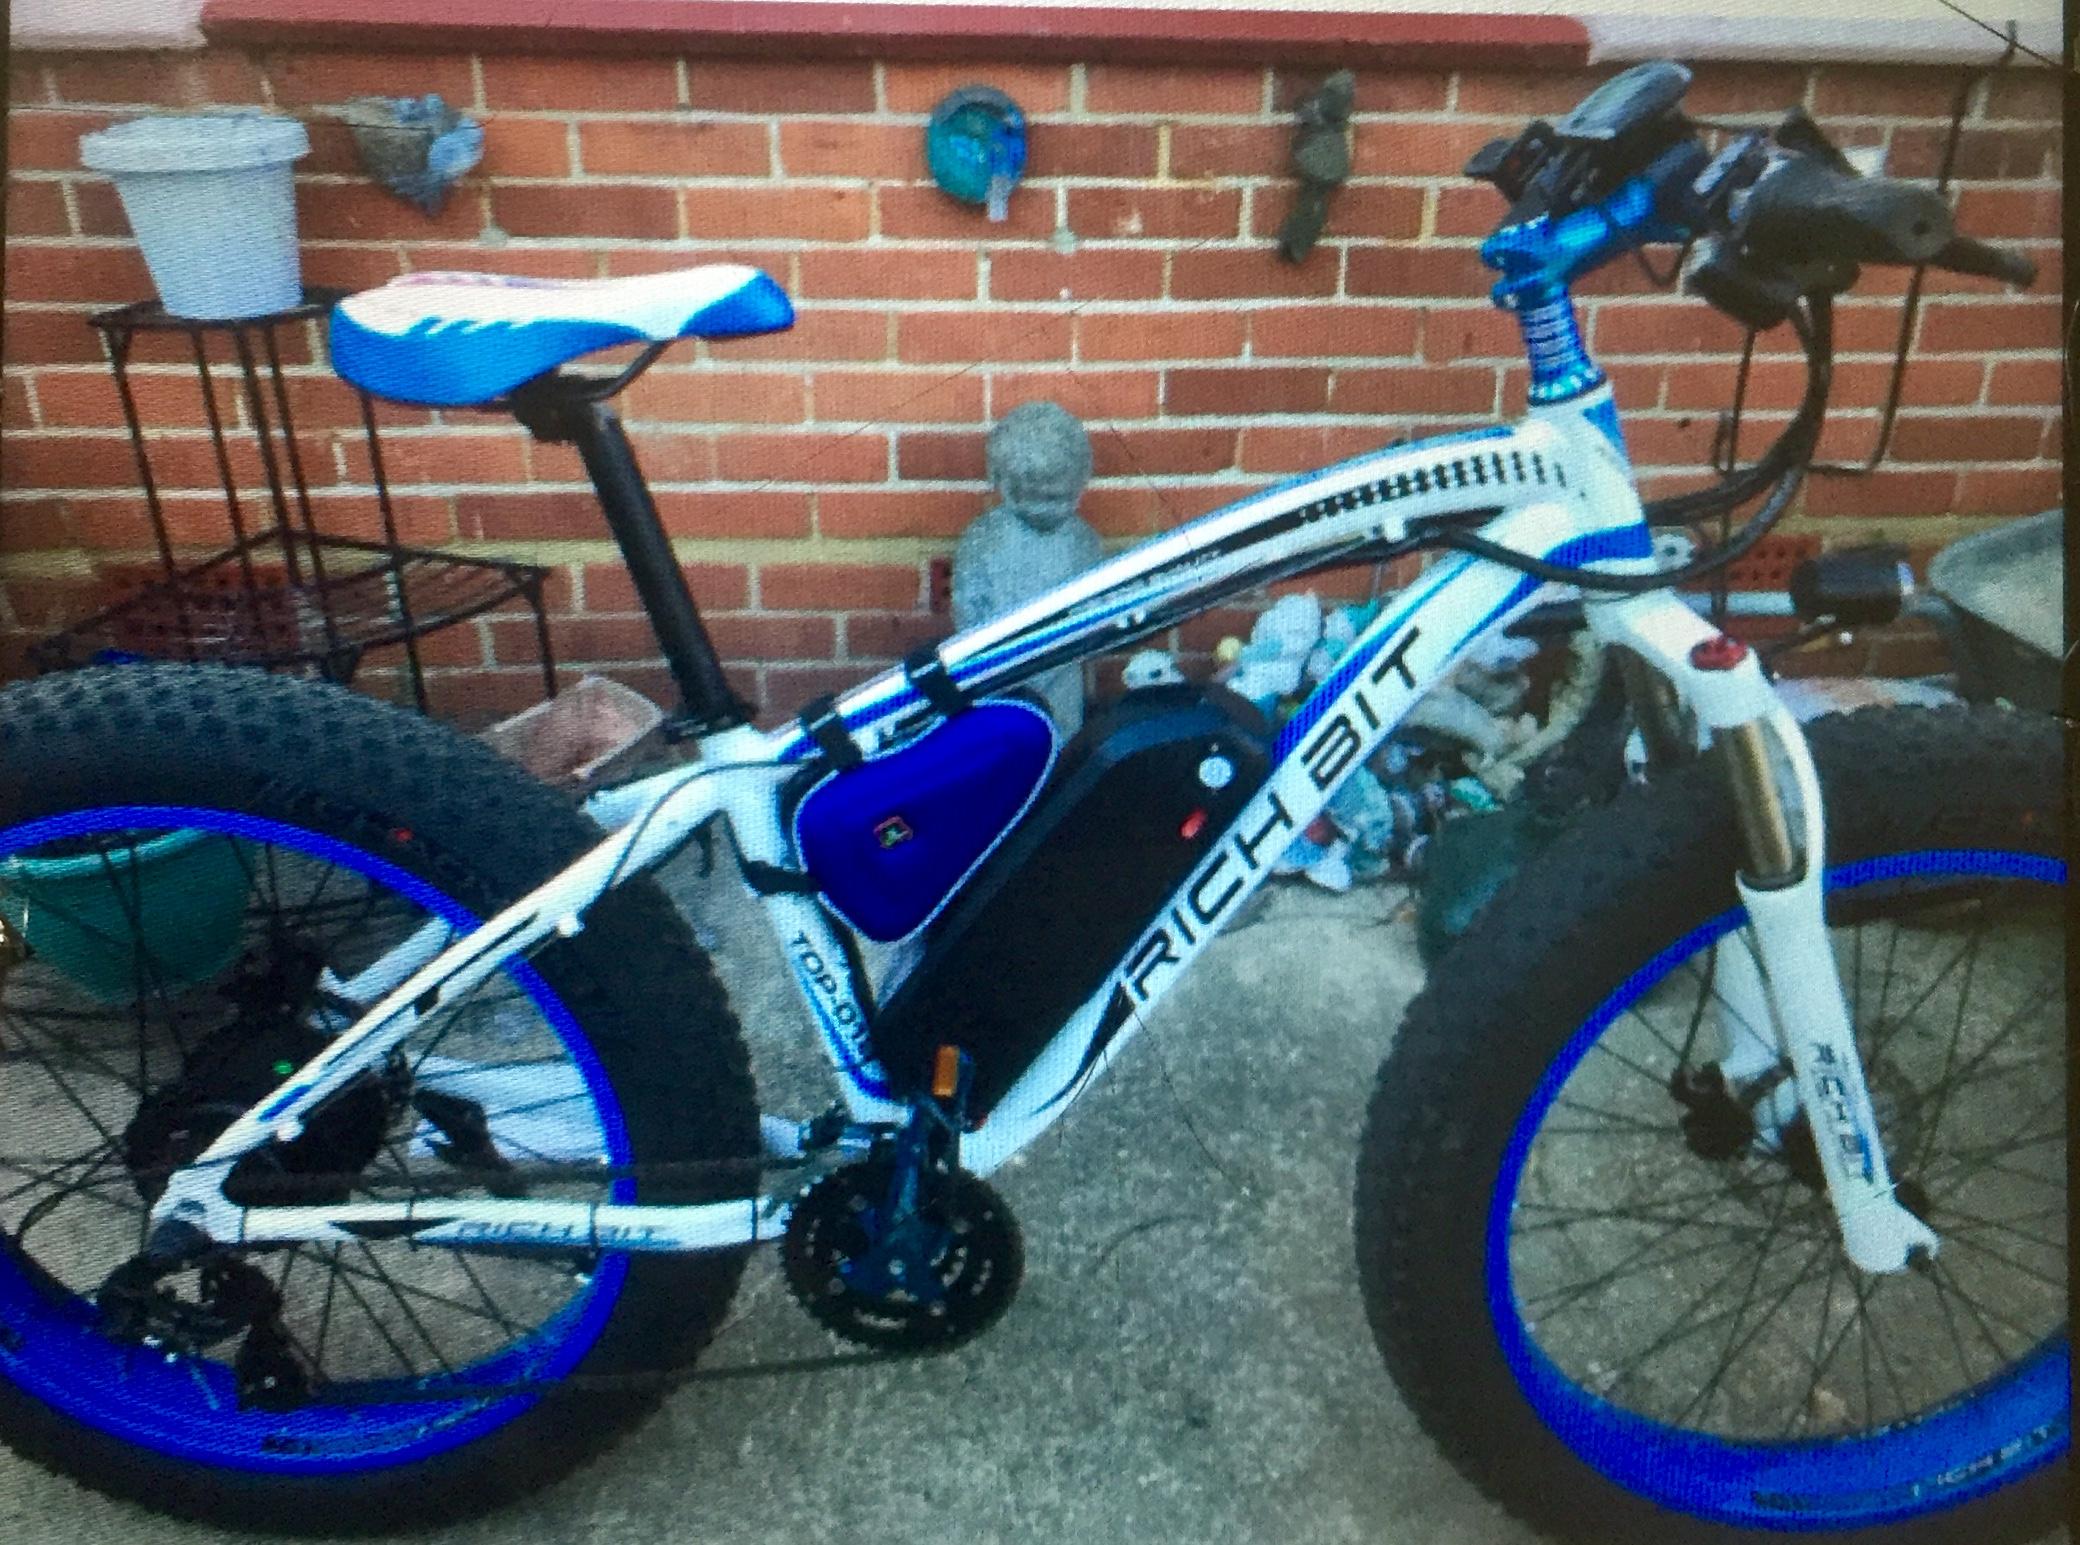 stolen rich bit bike